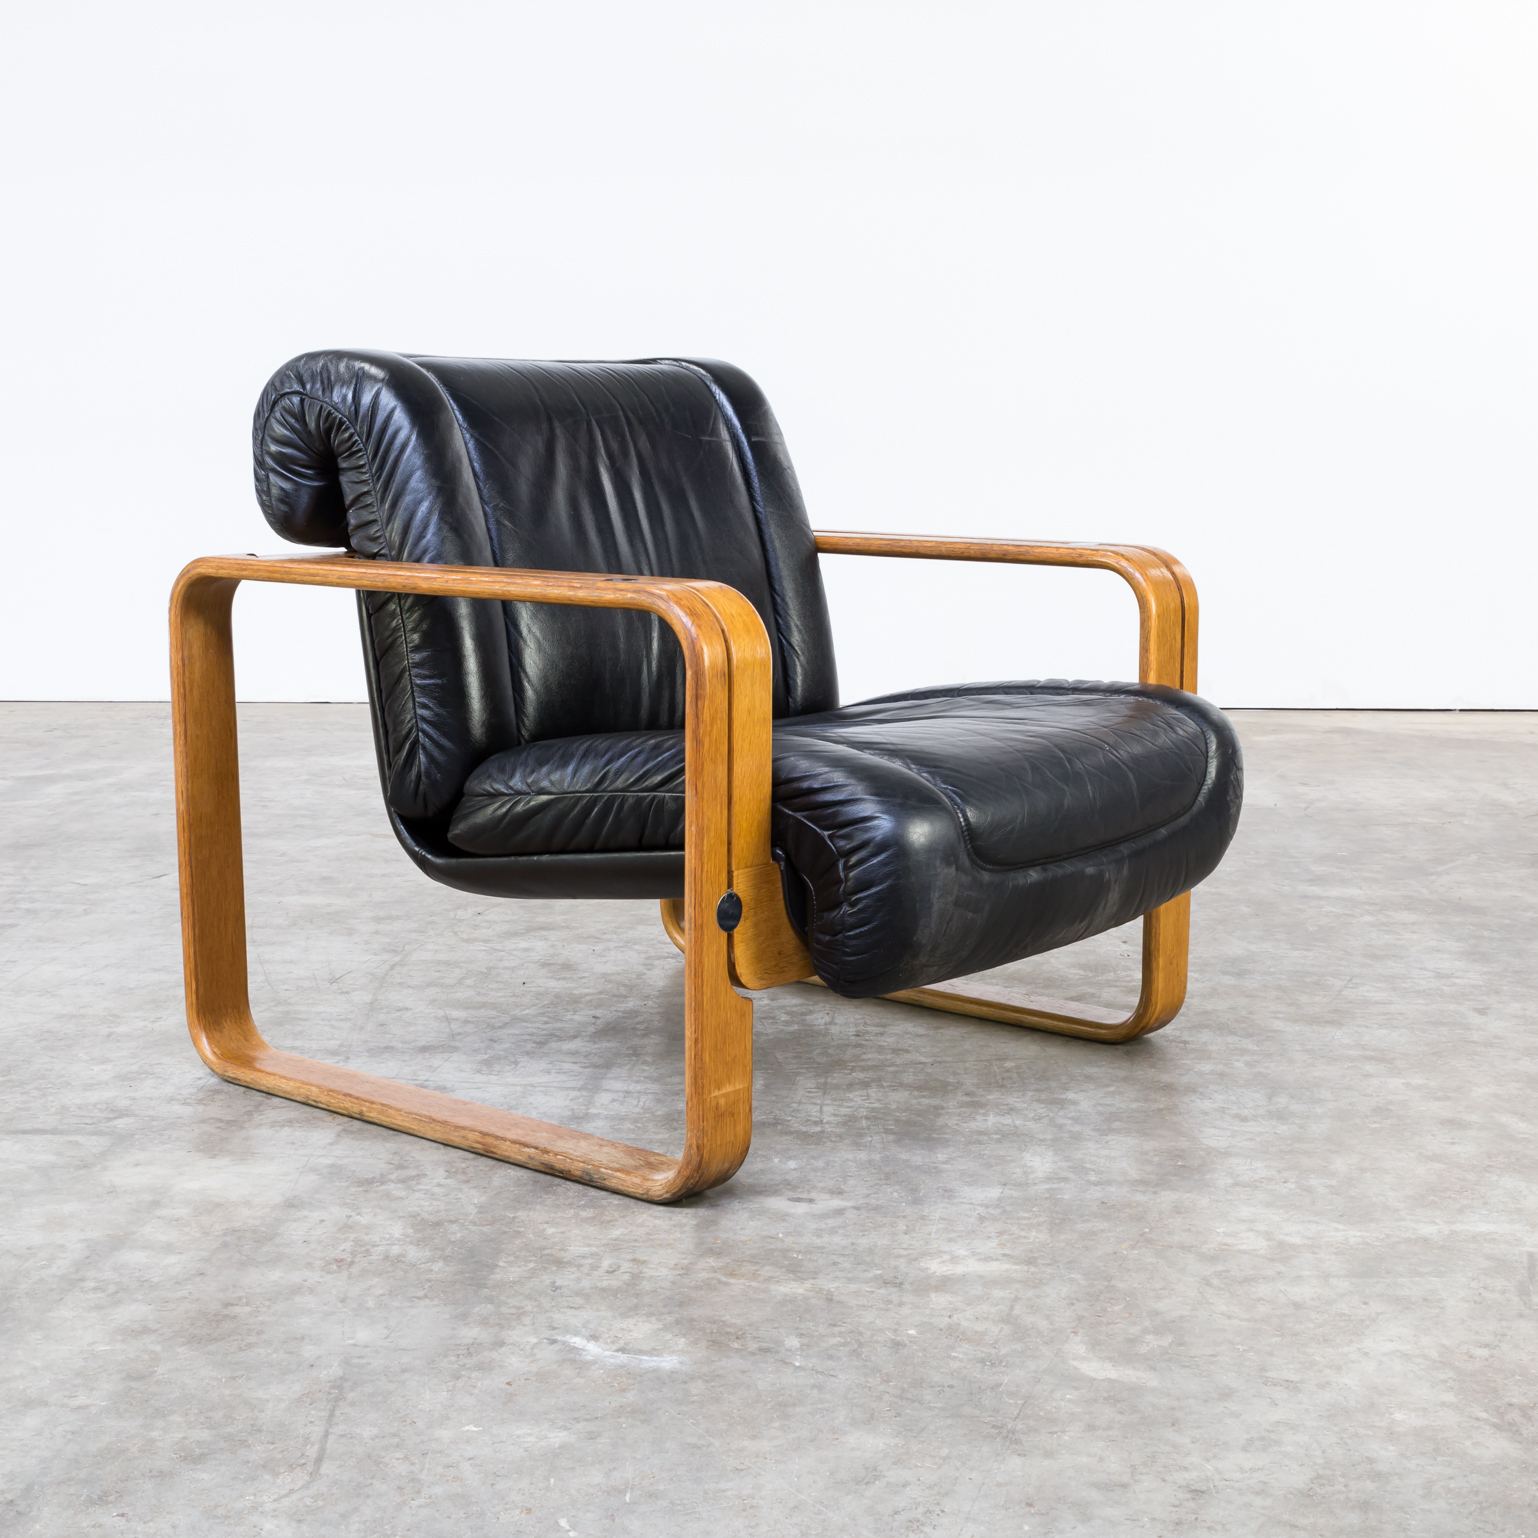 0911107ZF lou hodges lounge fauteuil vintage retro design barbmama 3003 Résultat Supérieur 50 Beau Fauteuil Retro Photos 2017 Kae2